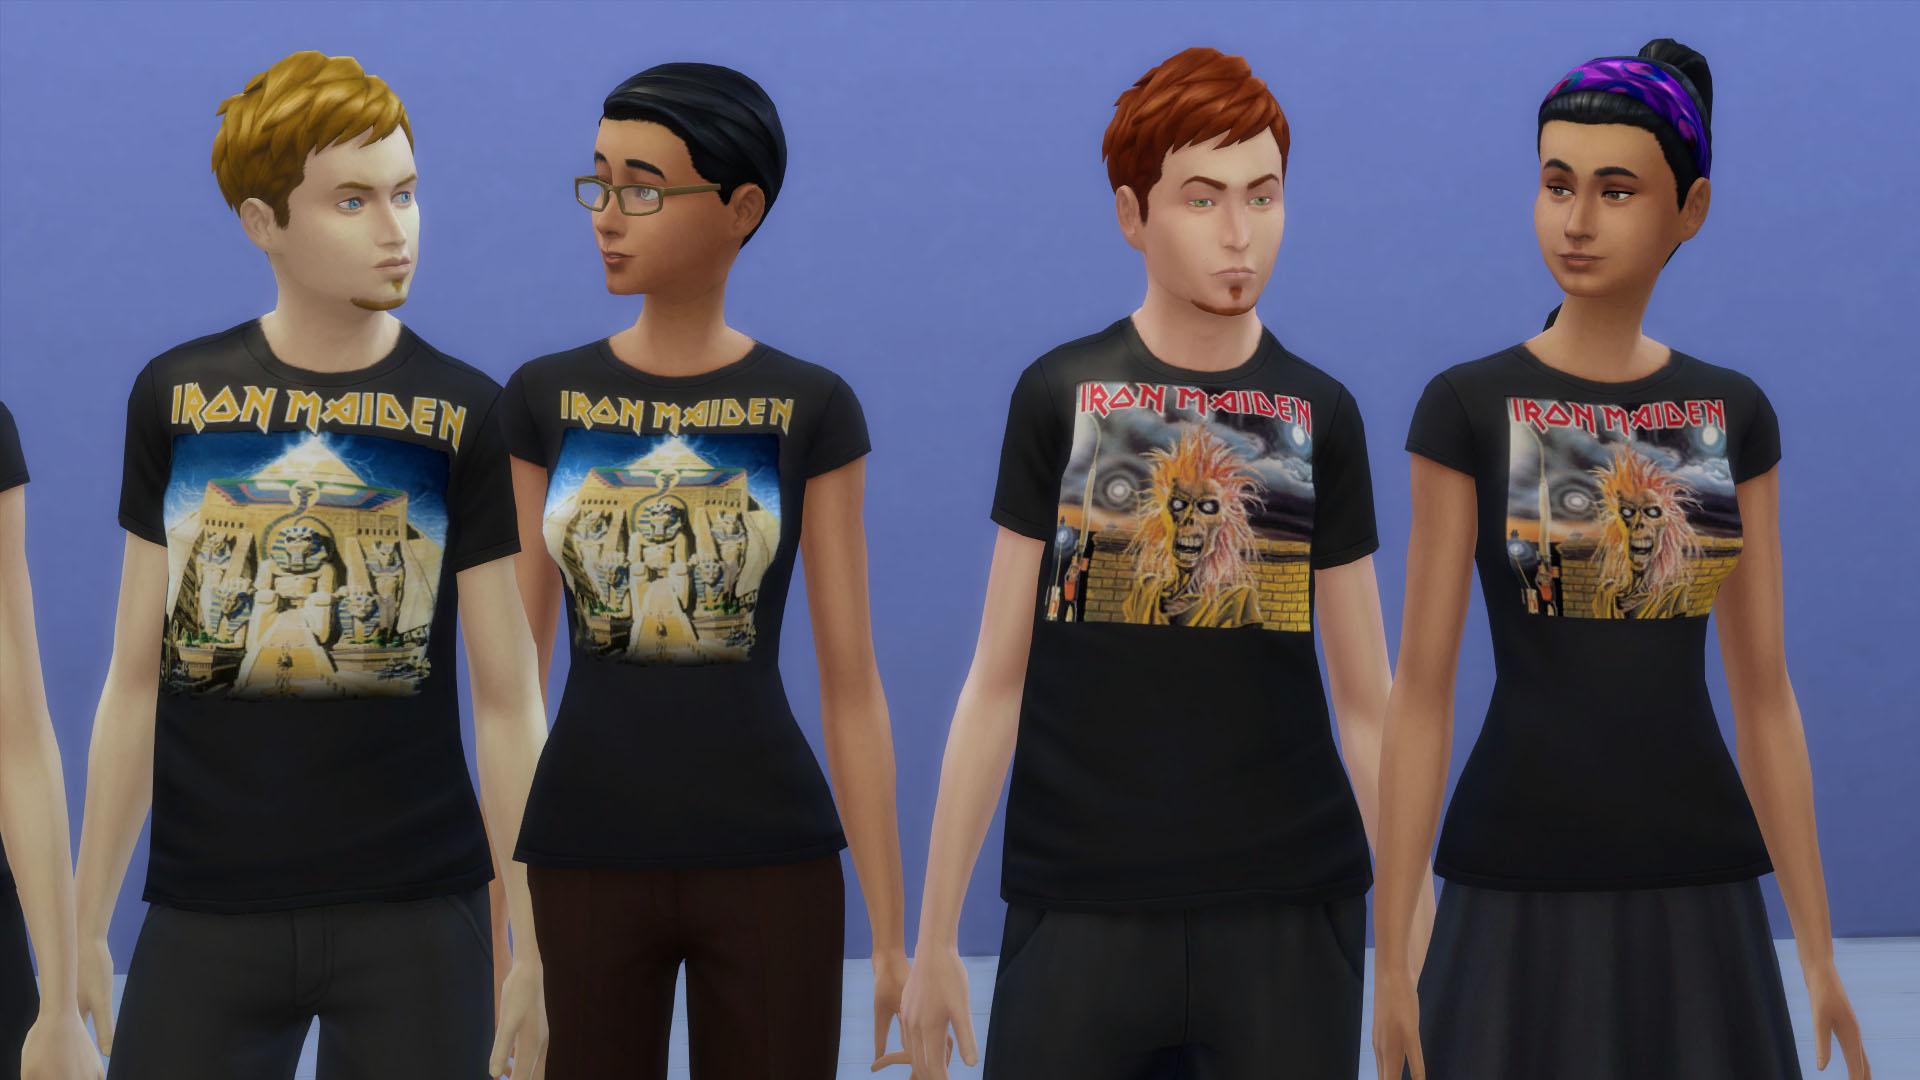 Shirts 4 Sims FemaleRldm Sims 4 trQdsh